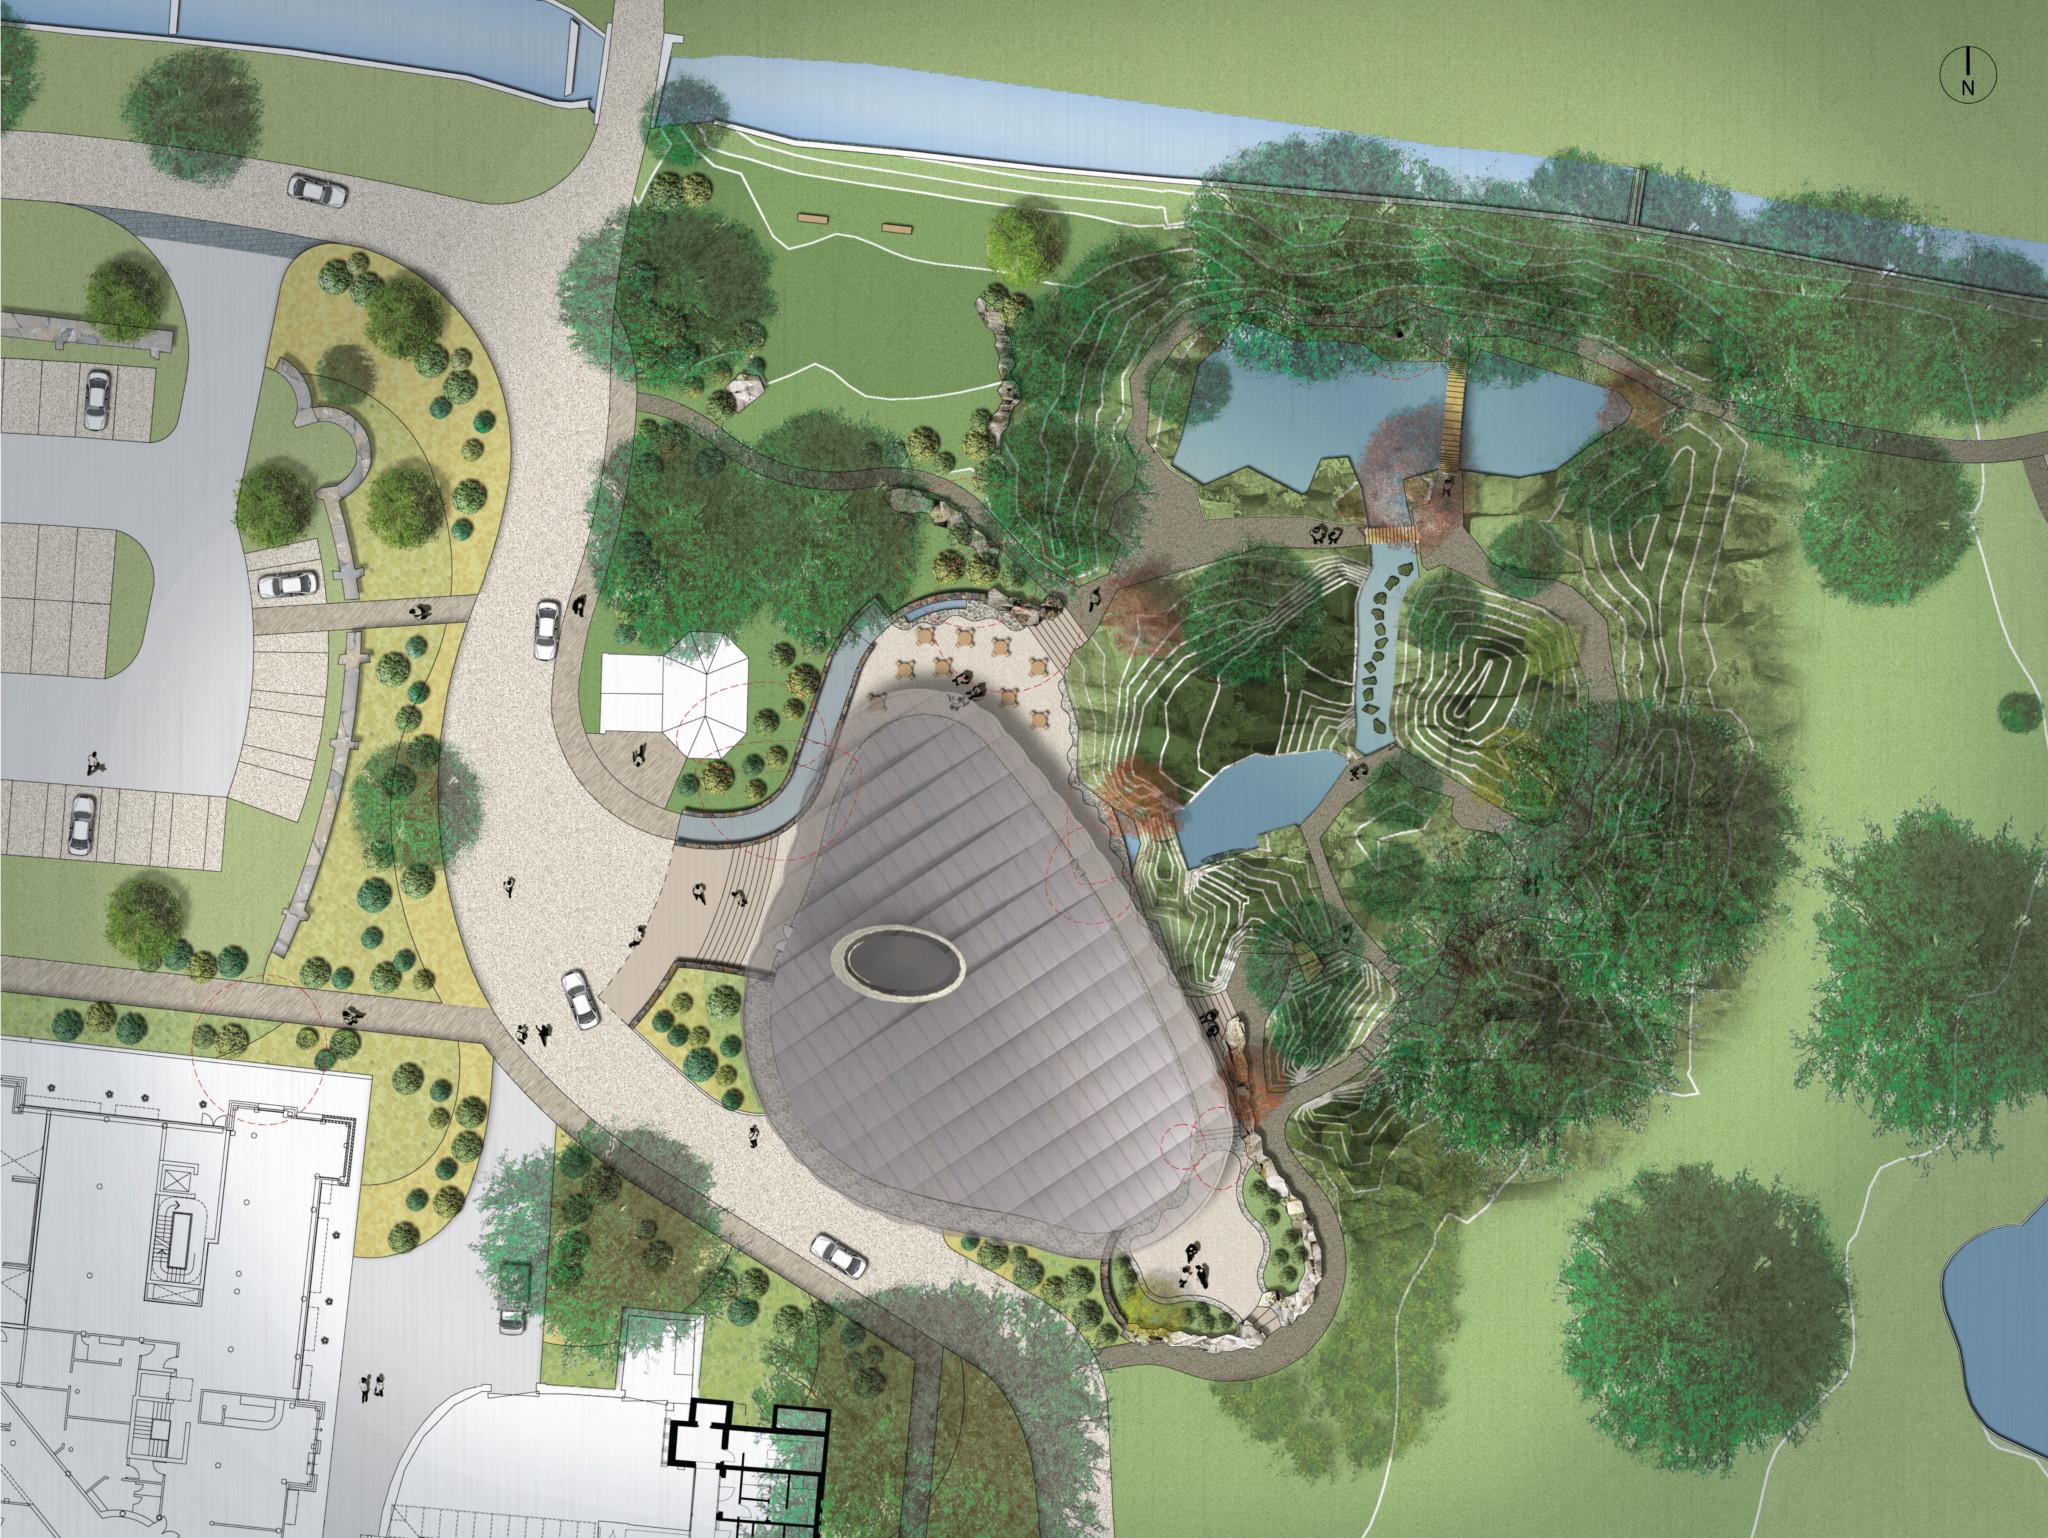 Grantley Hall Phase II Birdseye view